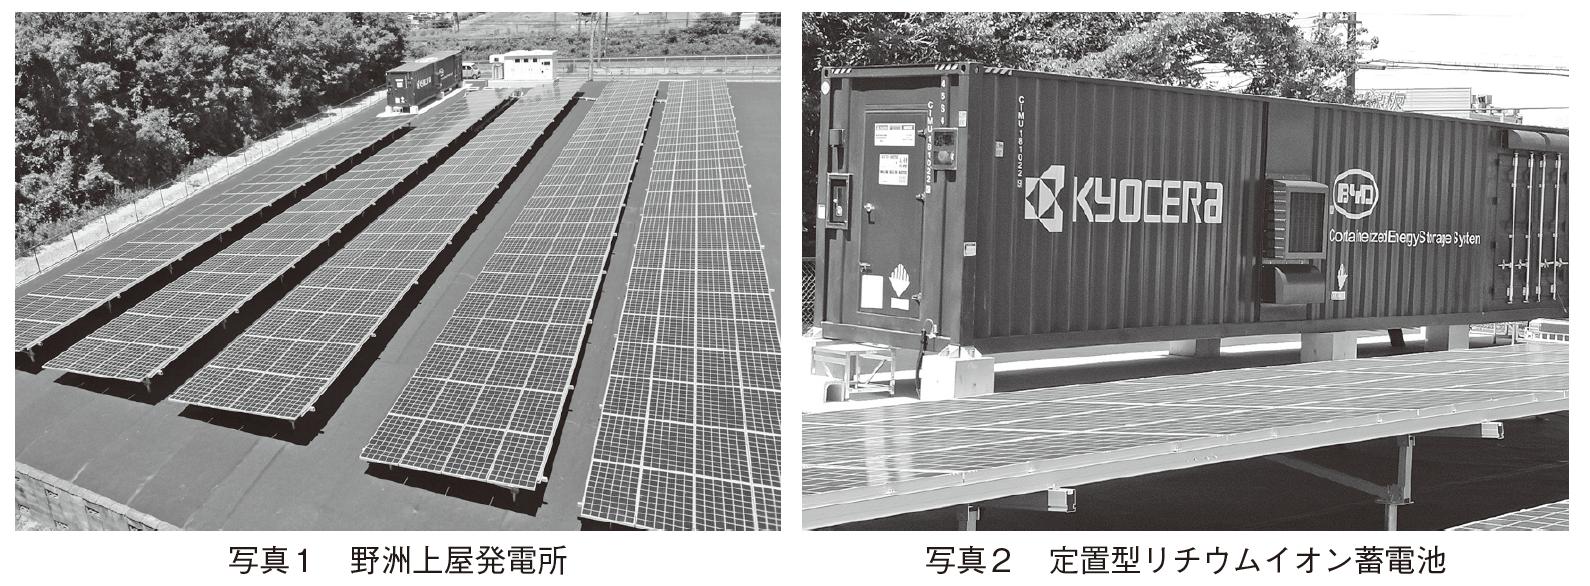 【京セラ】蓄電池を活用した再エネ「自己託送」を実証実験の画像